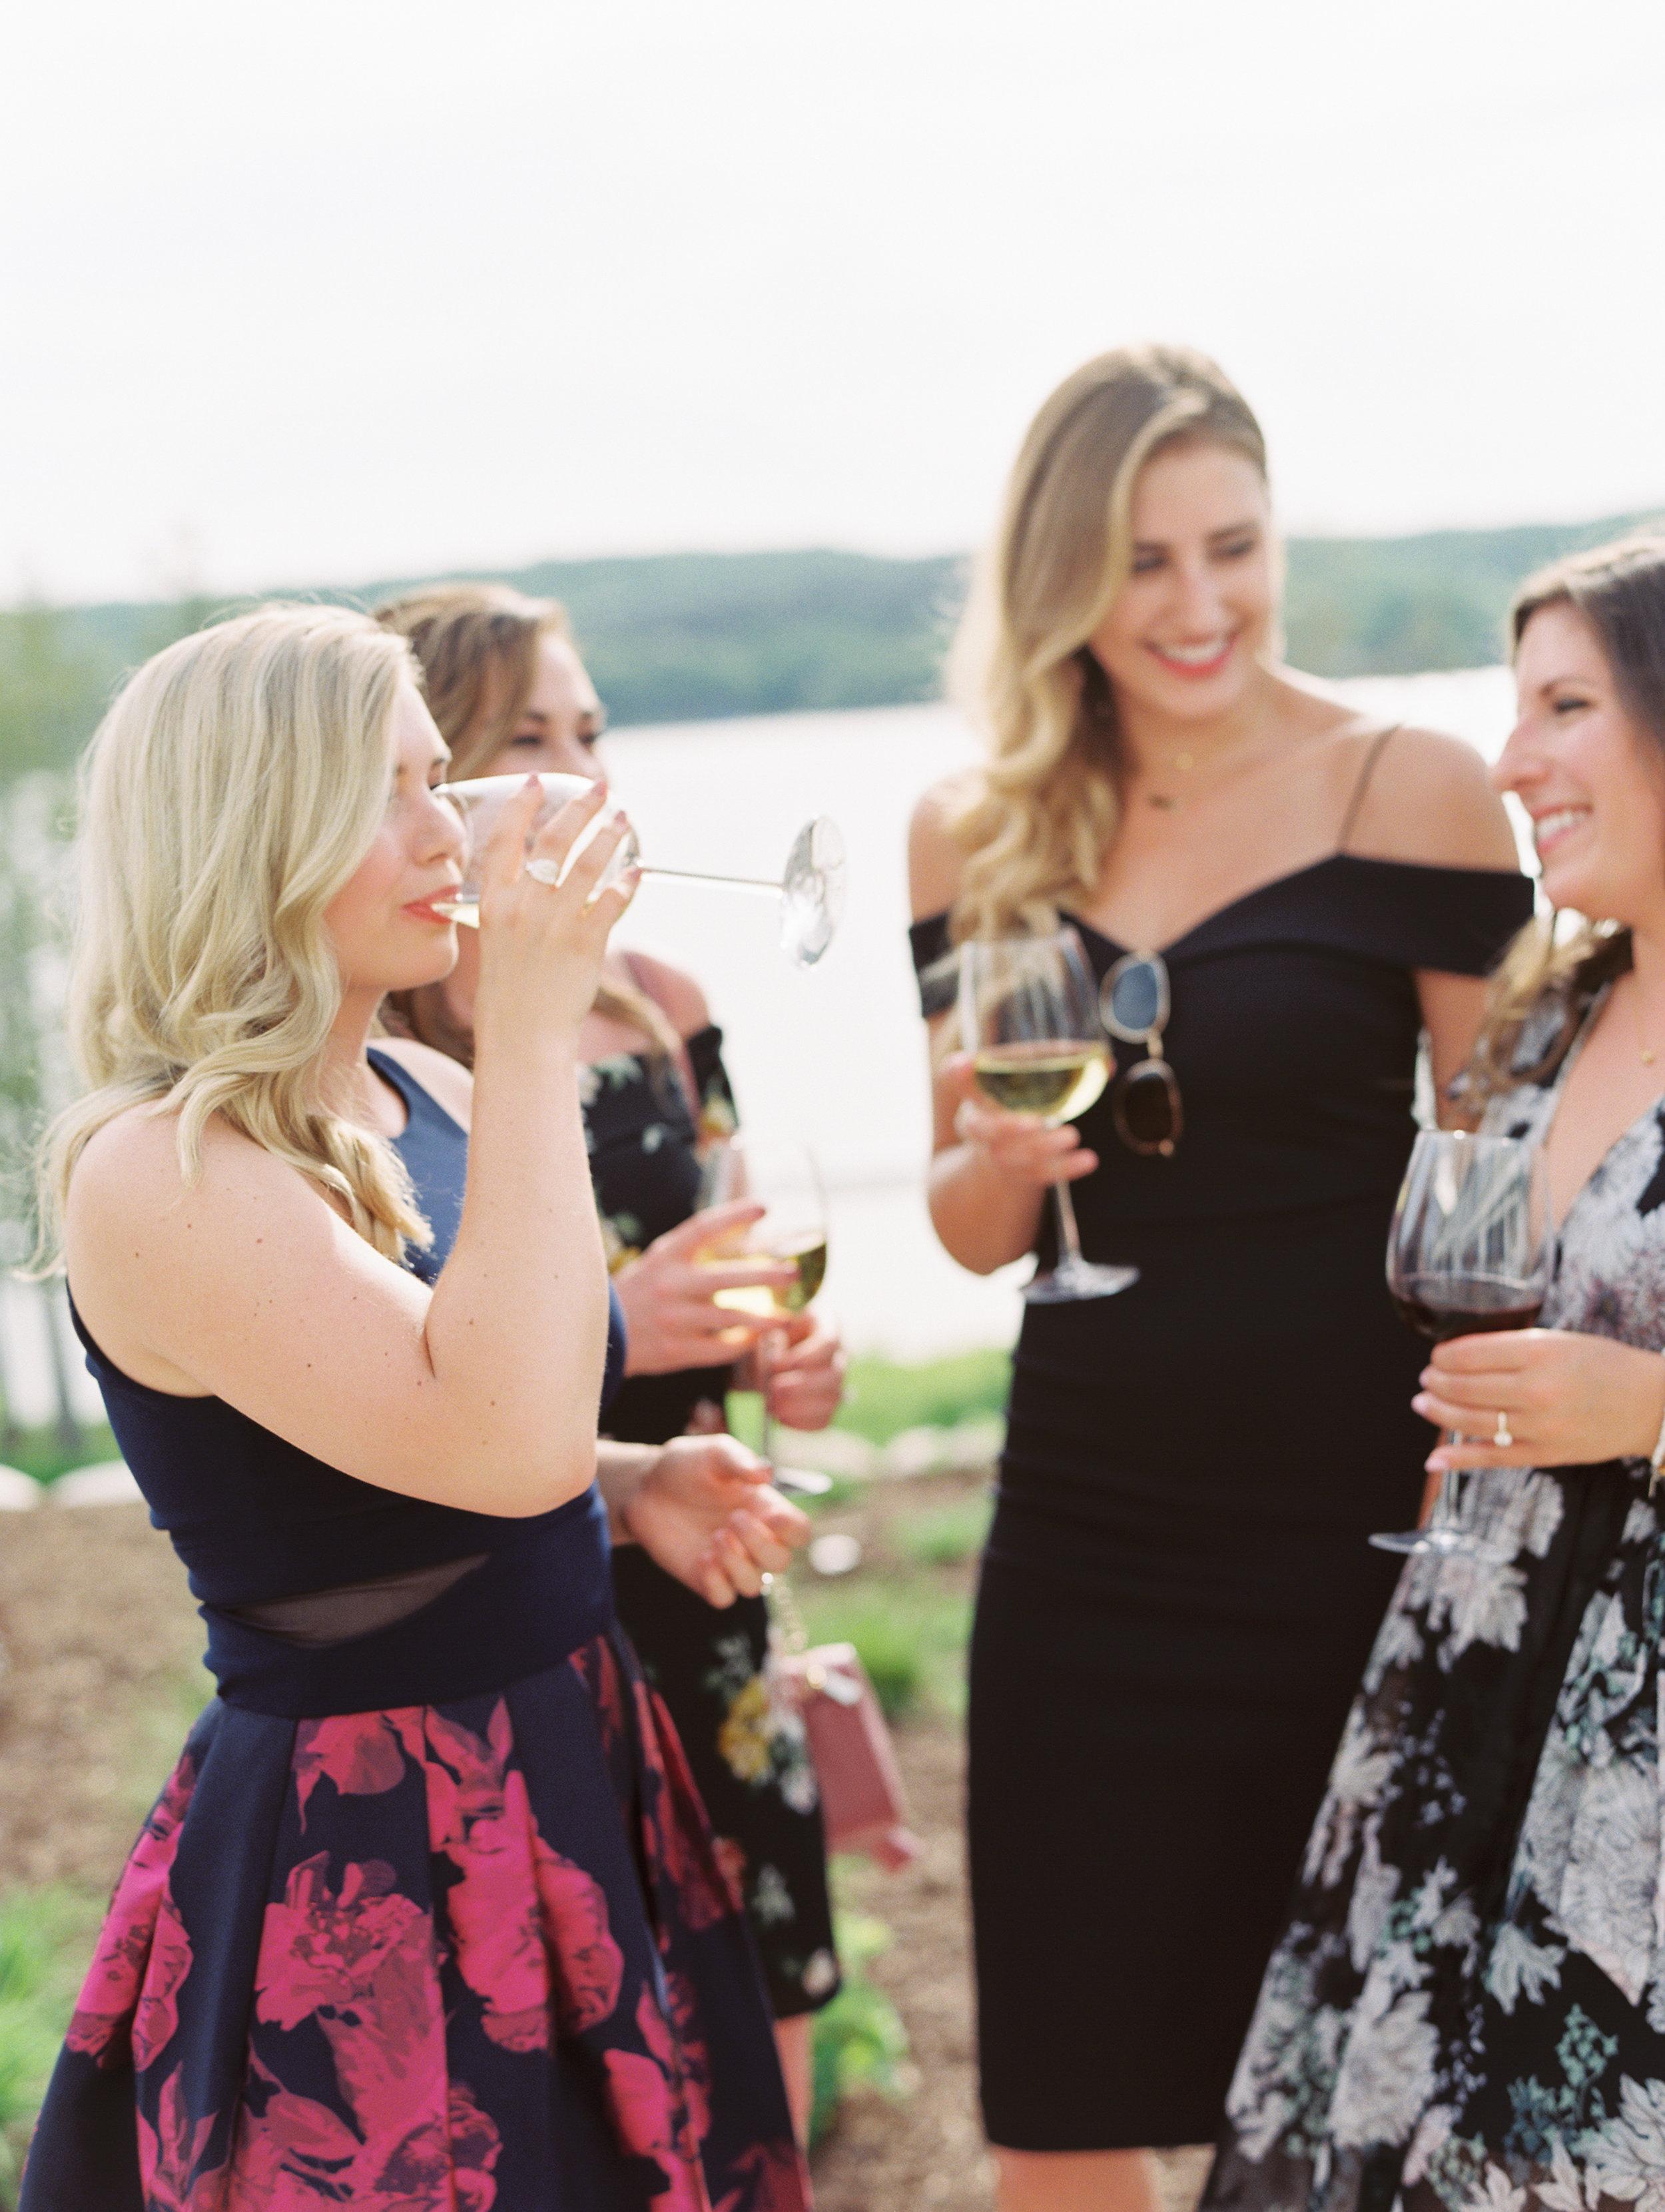 DeGuilio+Wedding+Reception+CocktailHourf-3.jpg